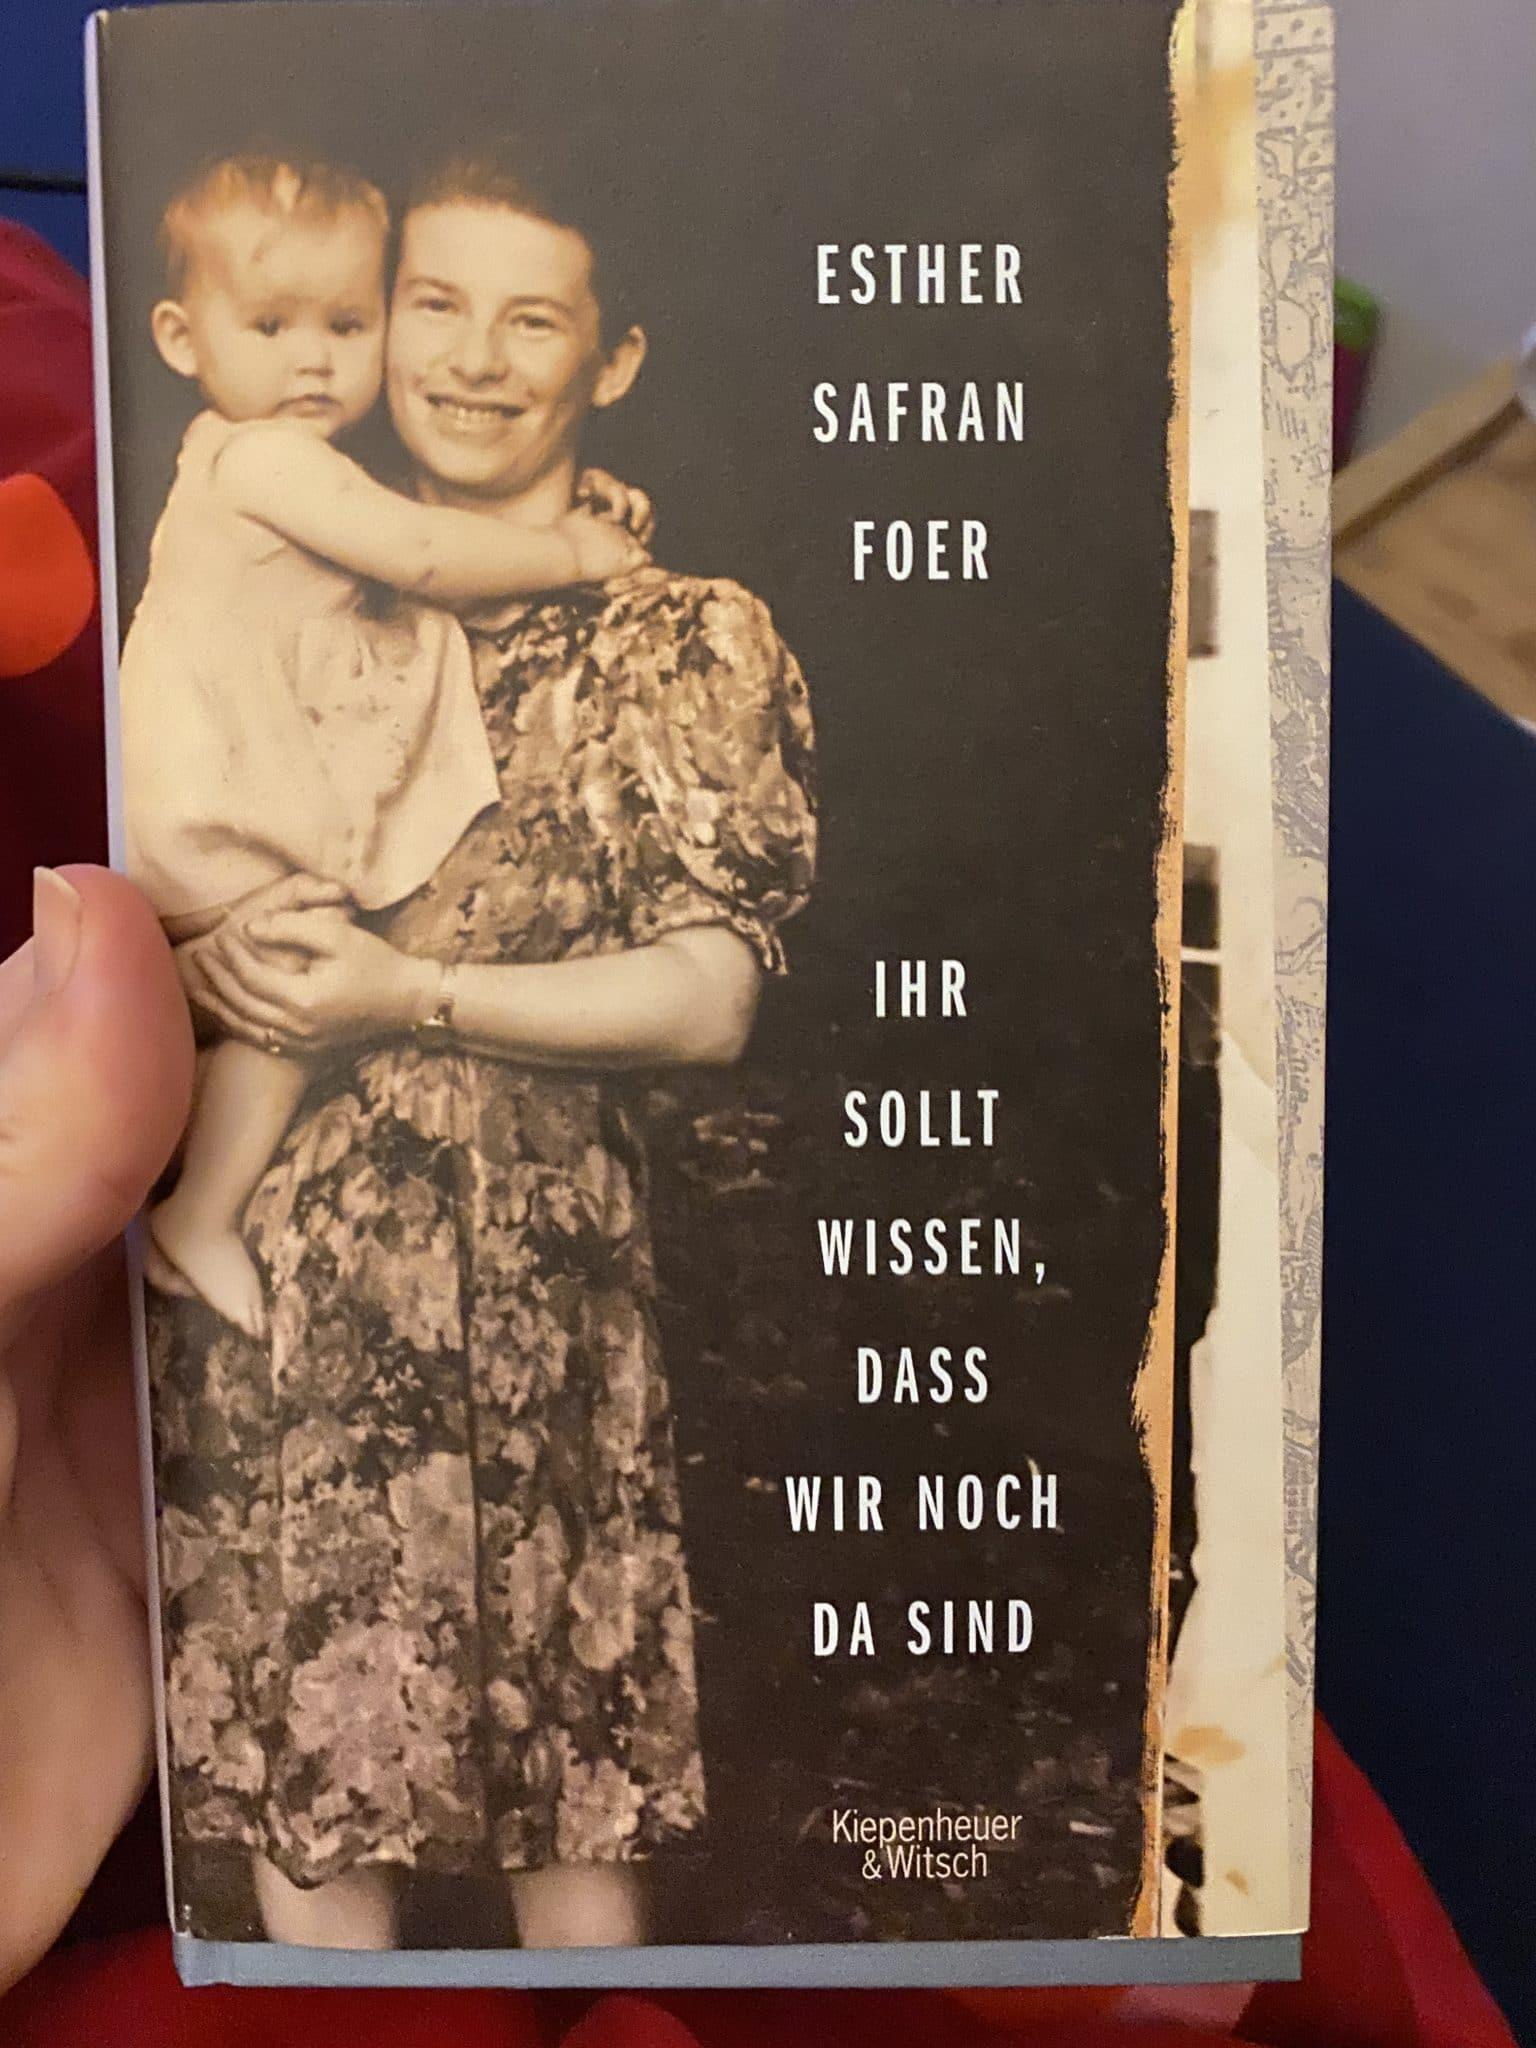 Ich lese derzeit das Buch von Esther Safran Foer und bin sehr berührt.